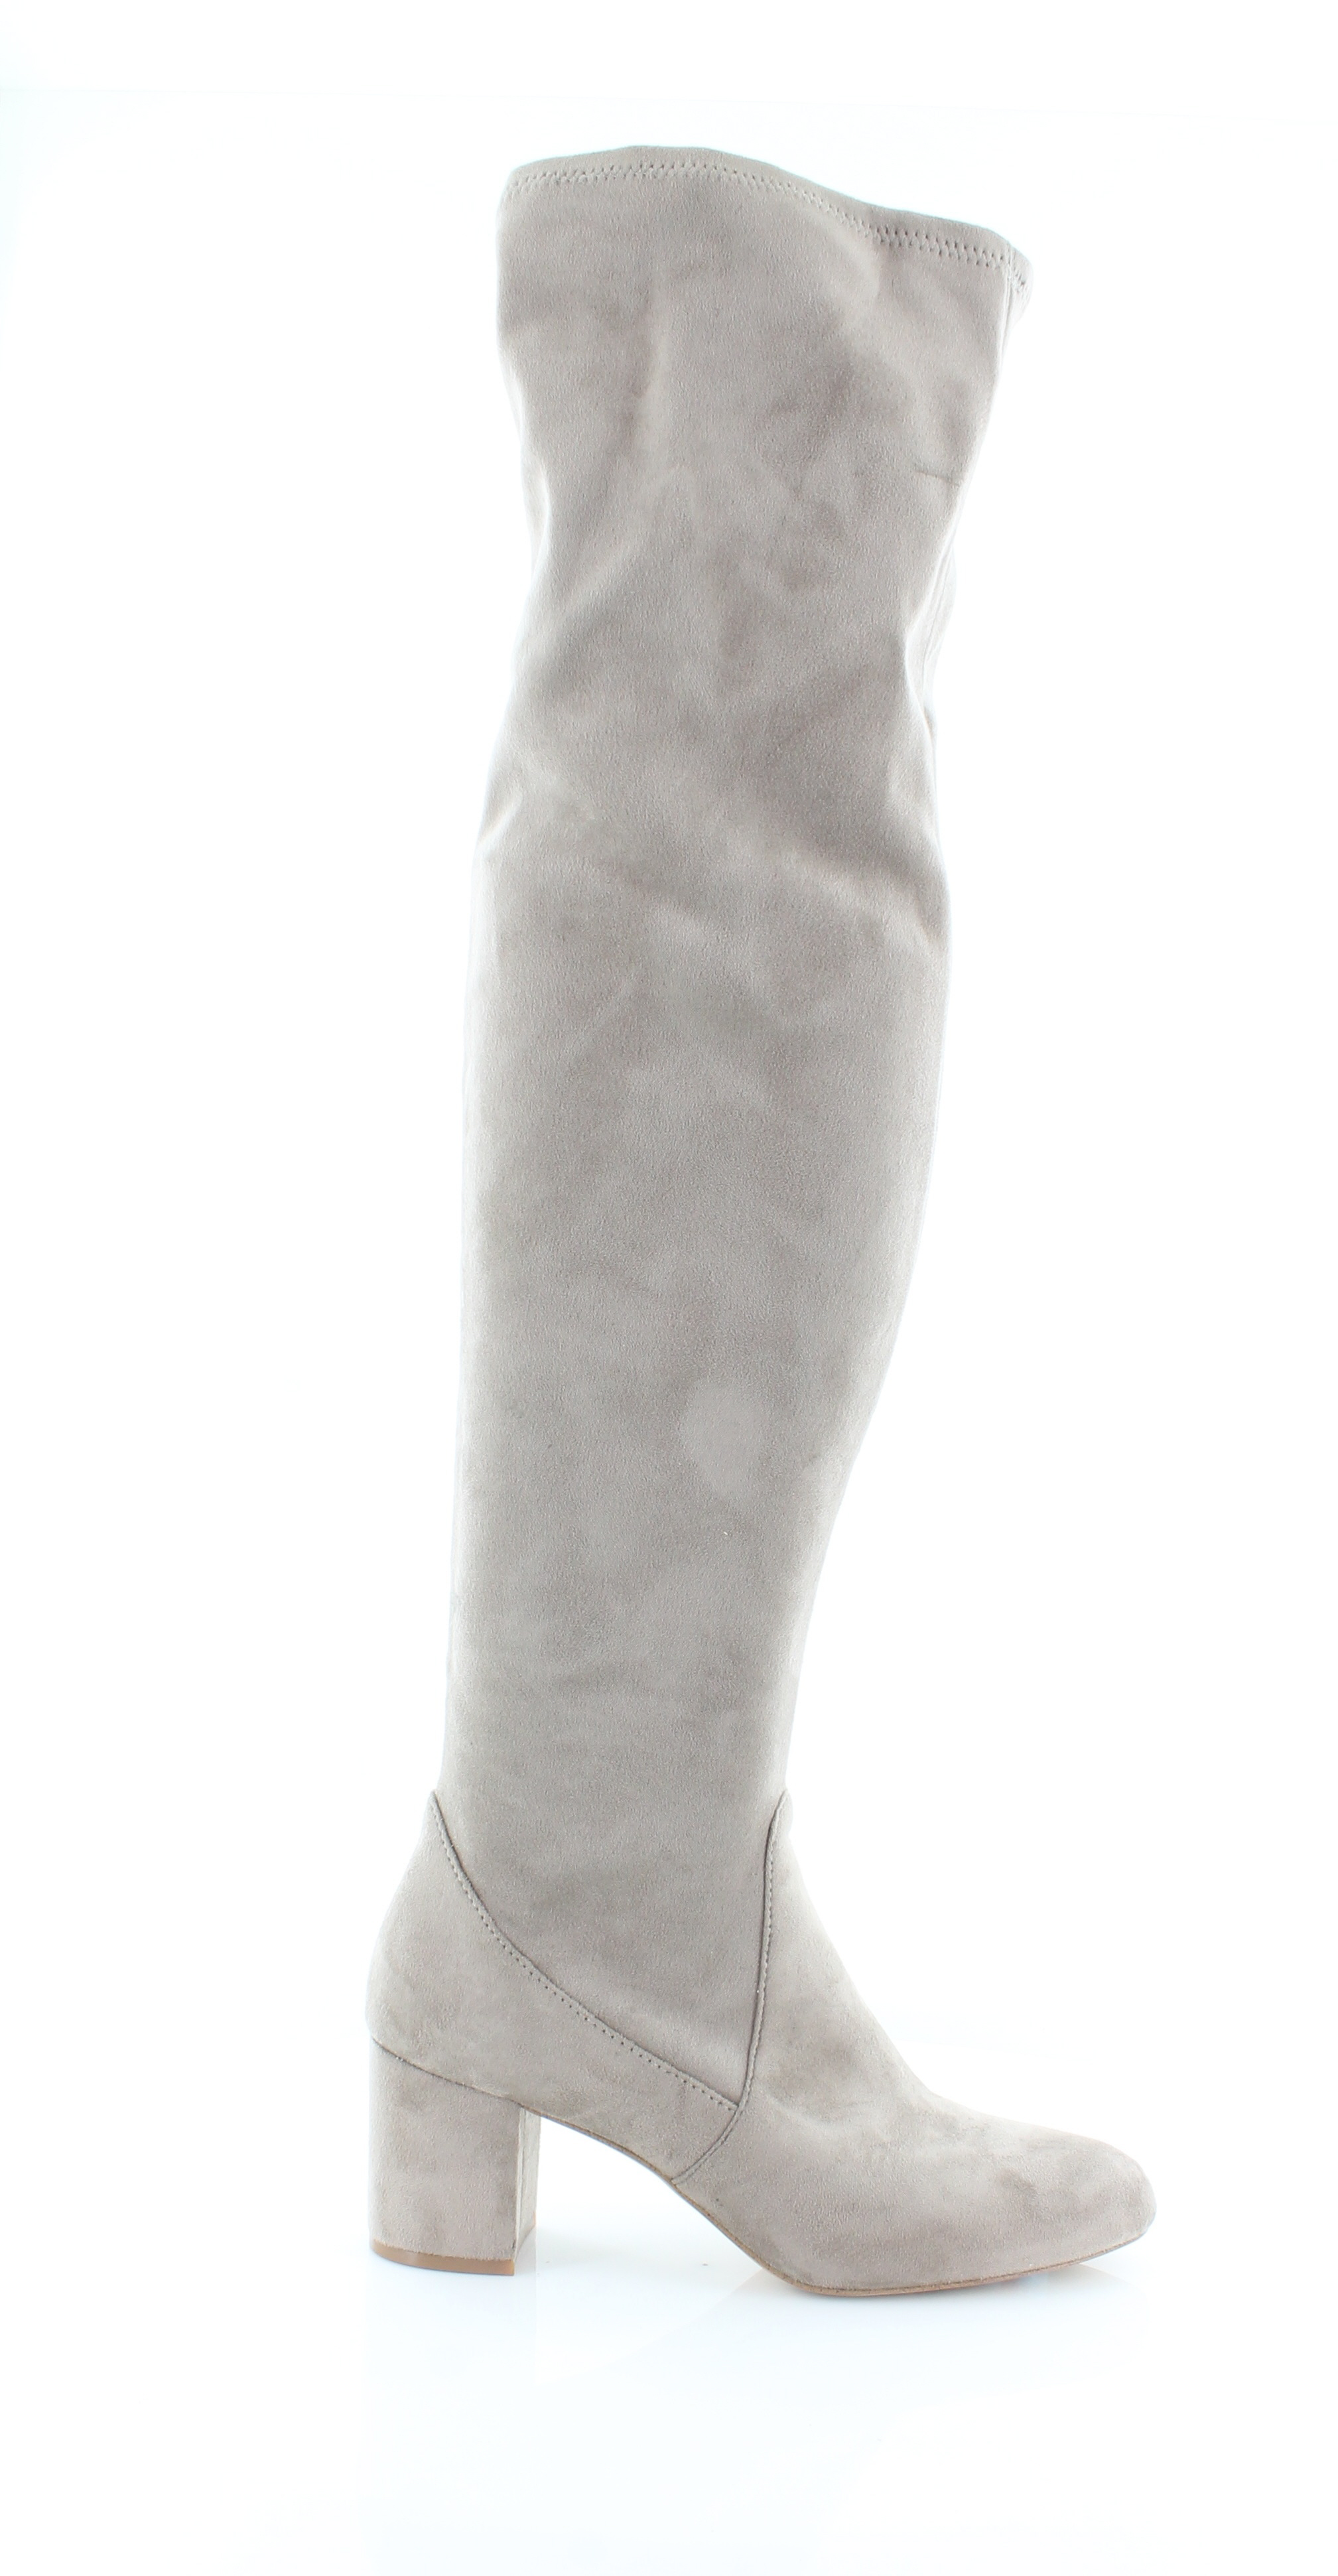 Inclus International Concepts Rikkie marron chaussures Pointure 9 M bottes fabricants Standard prix de détail  119.99